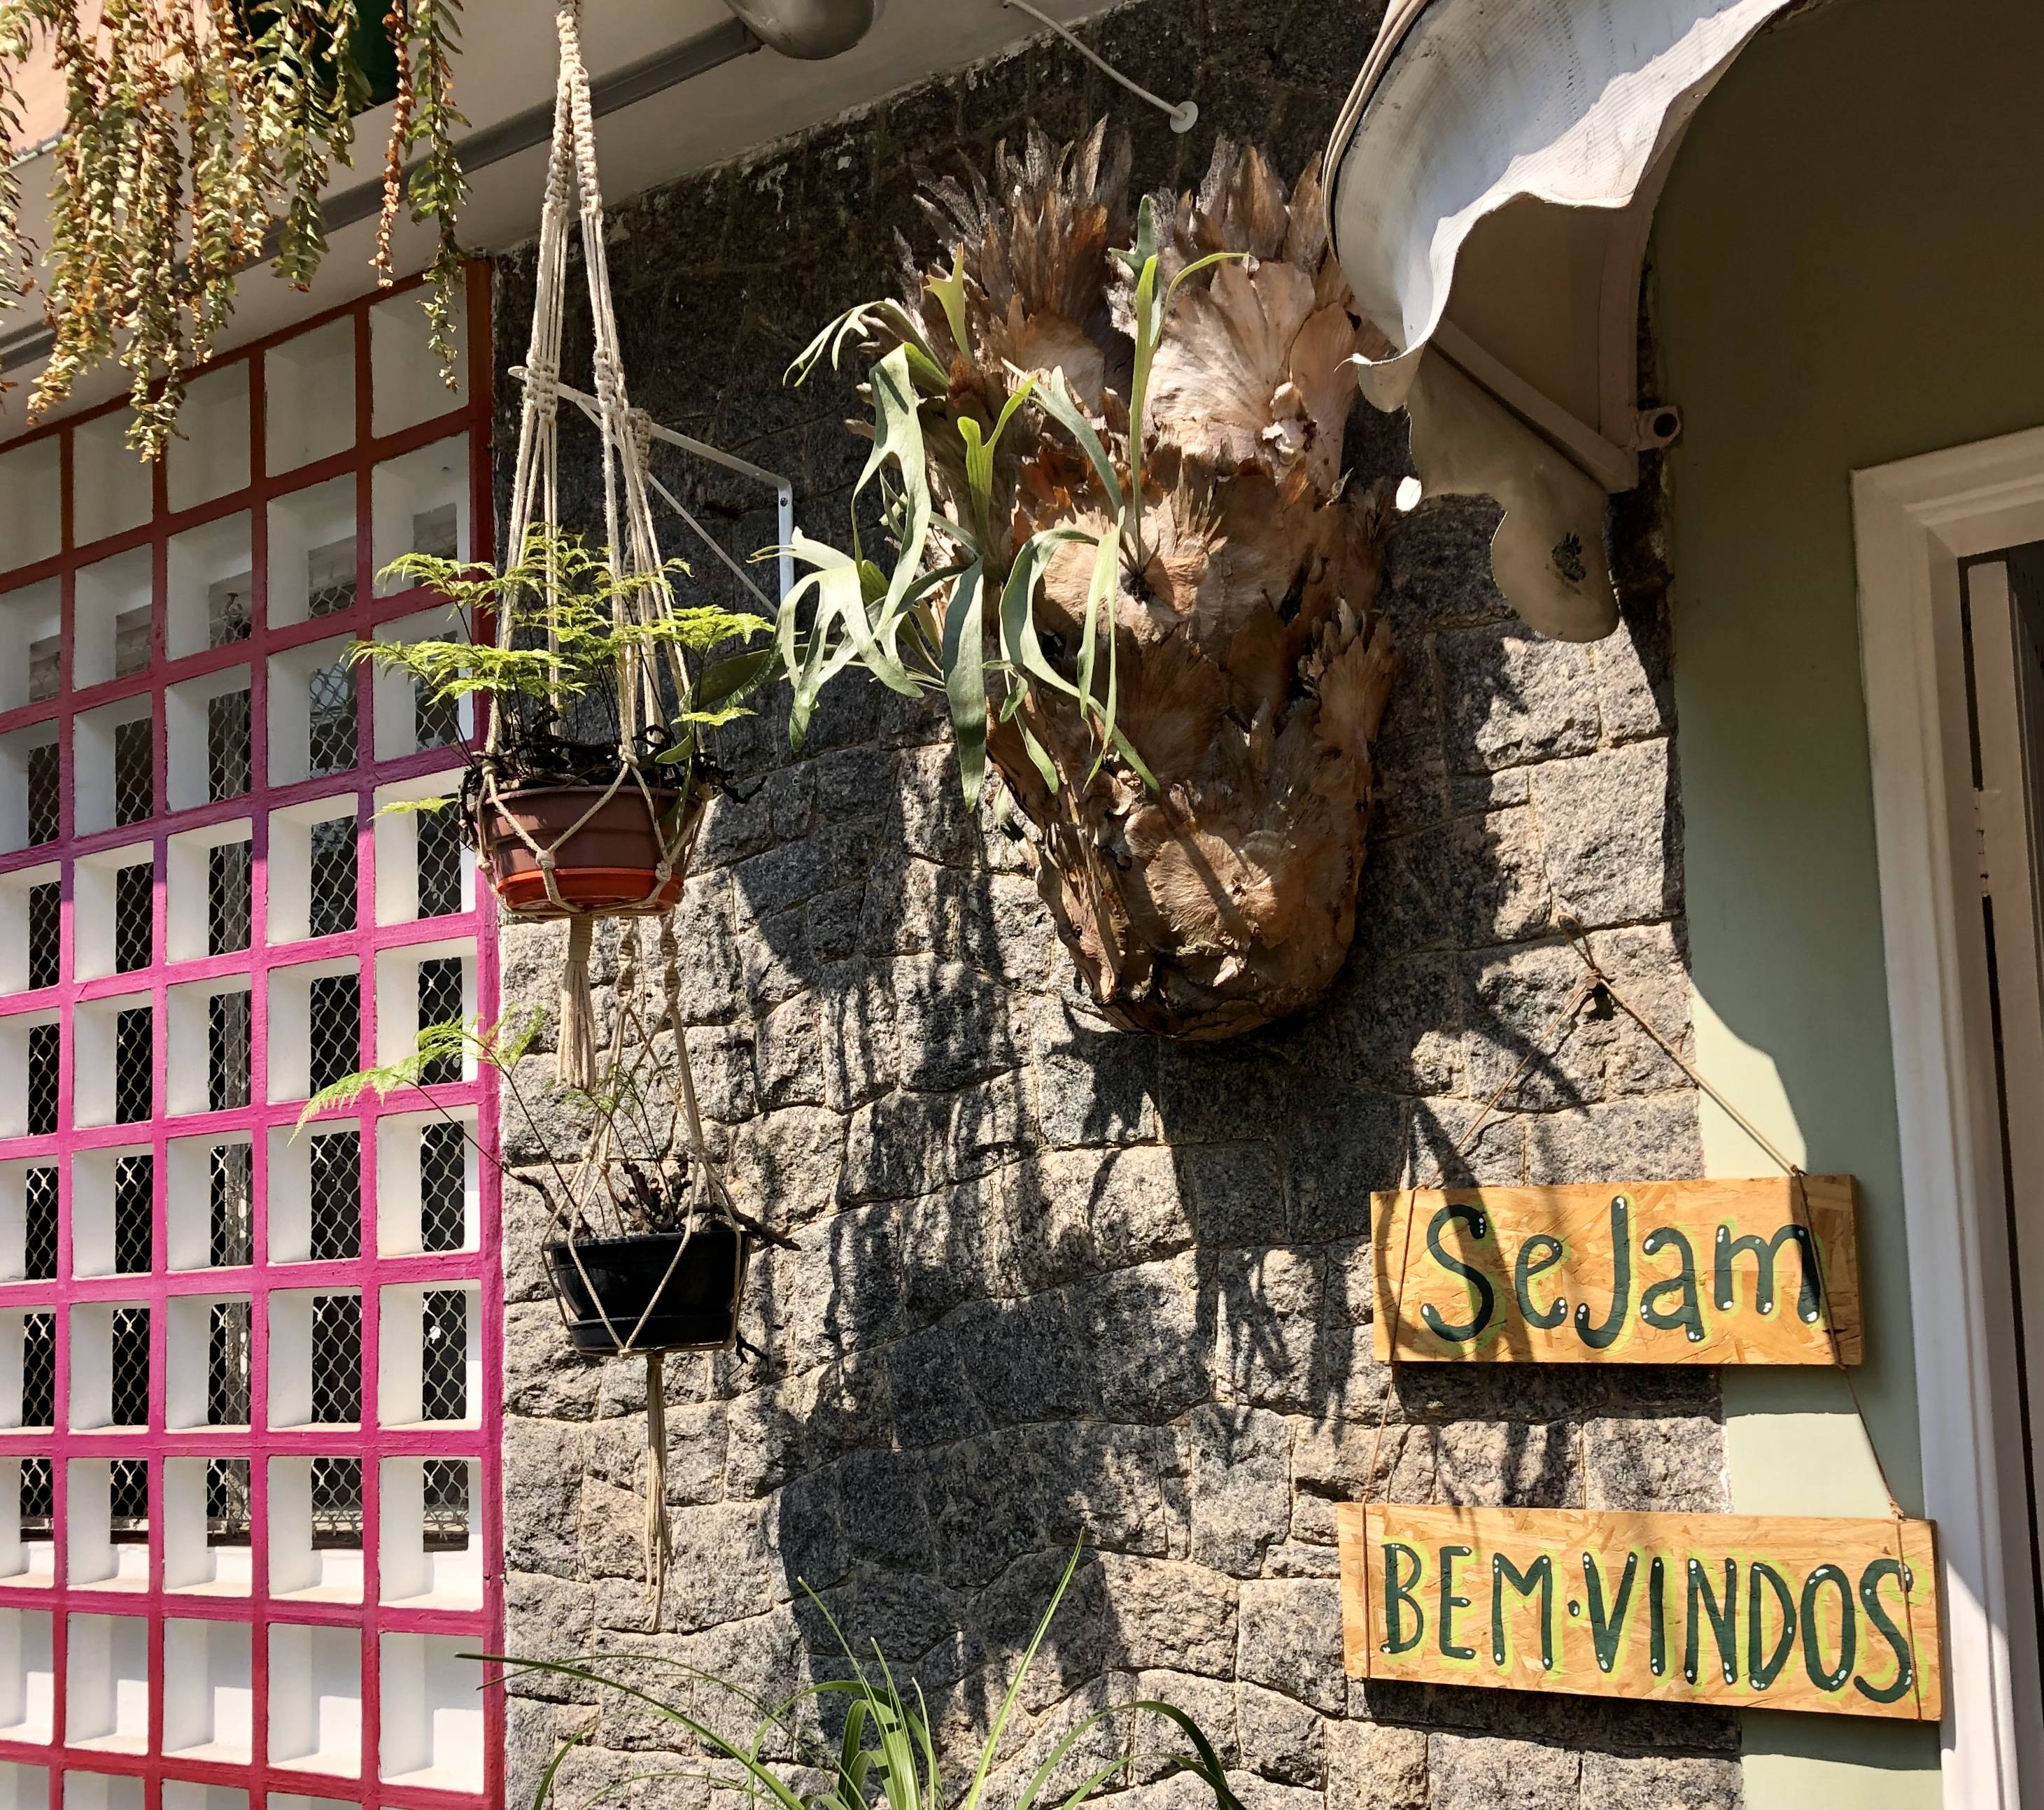 www.juicysantos.com.br - espaço MRN loja colaborativa em santos sp